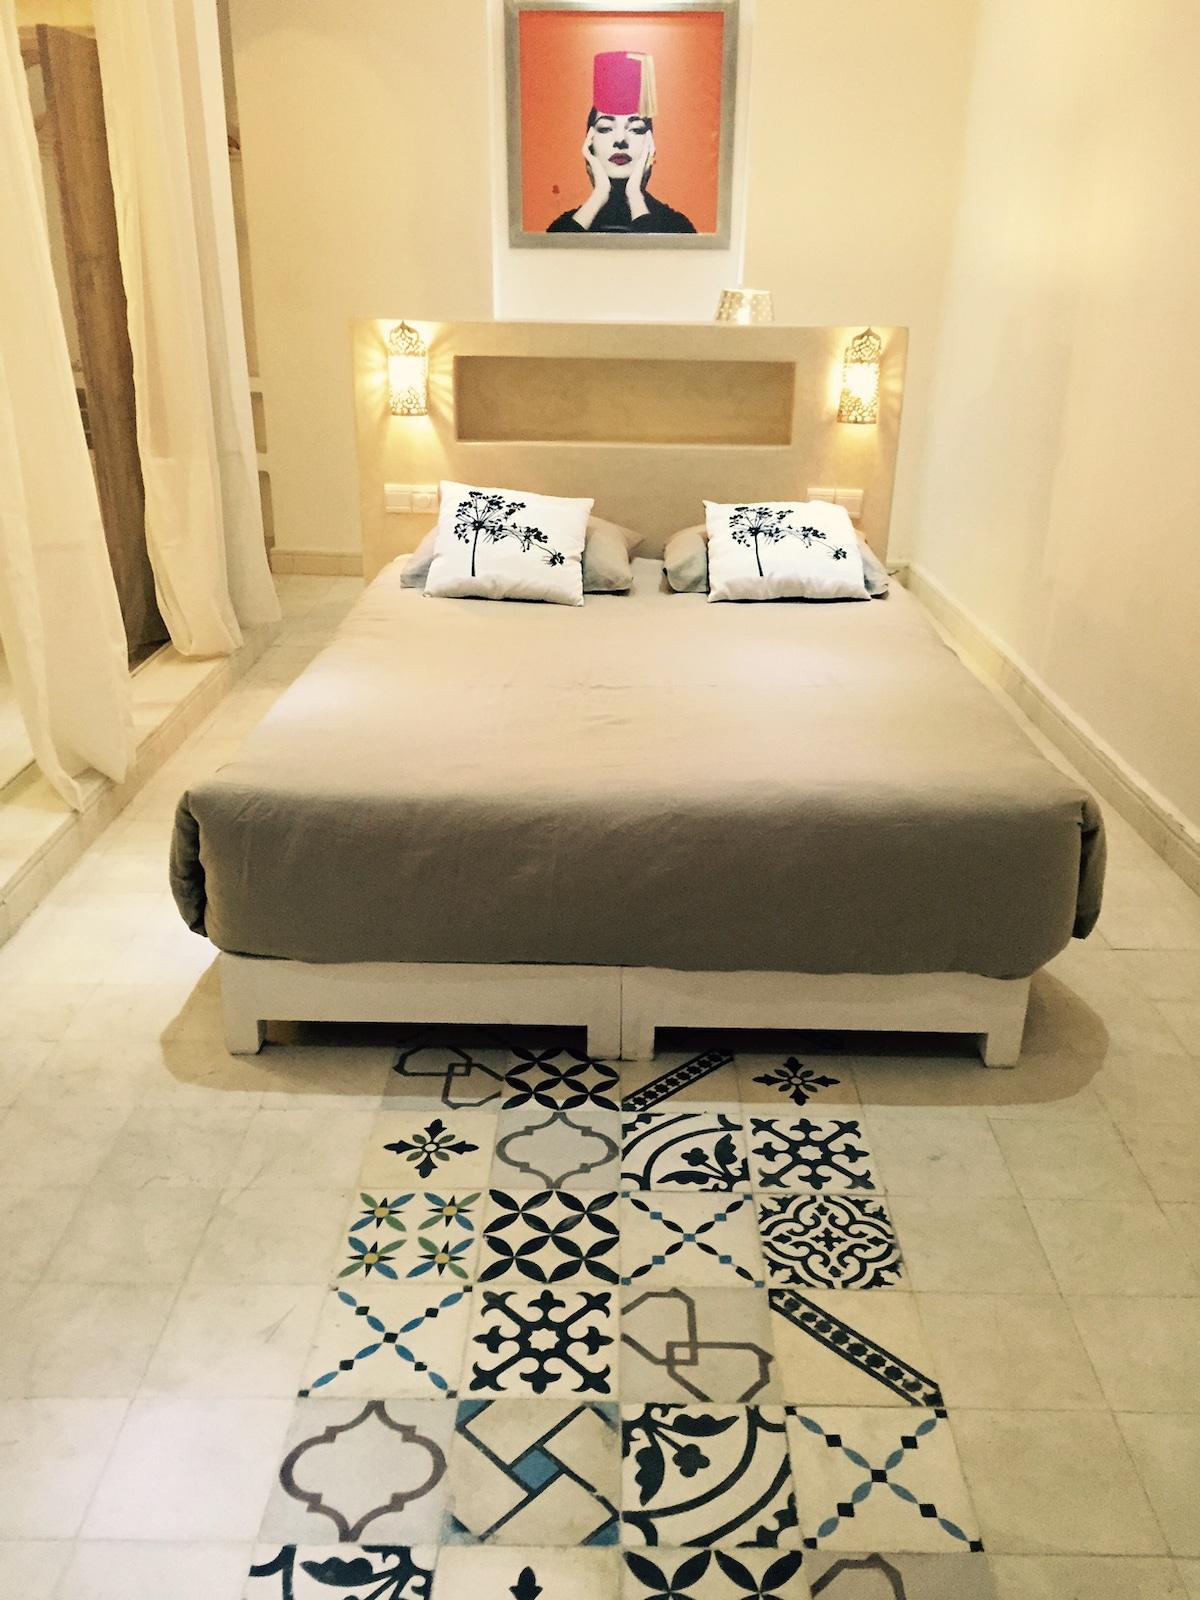 Zellij Room